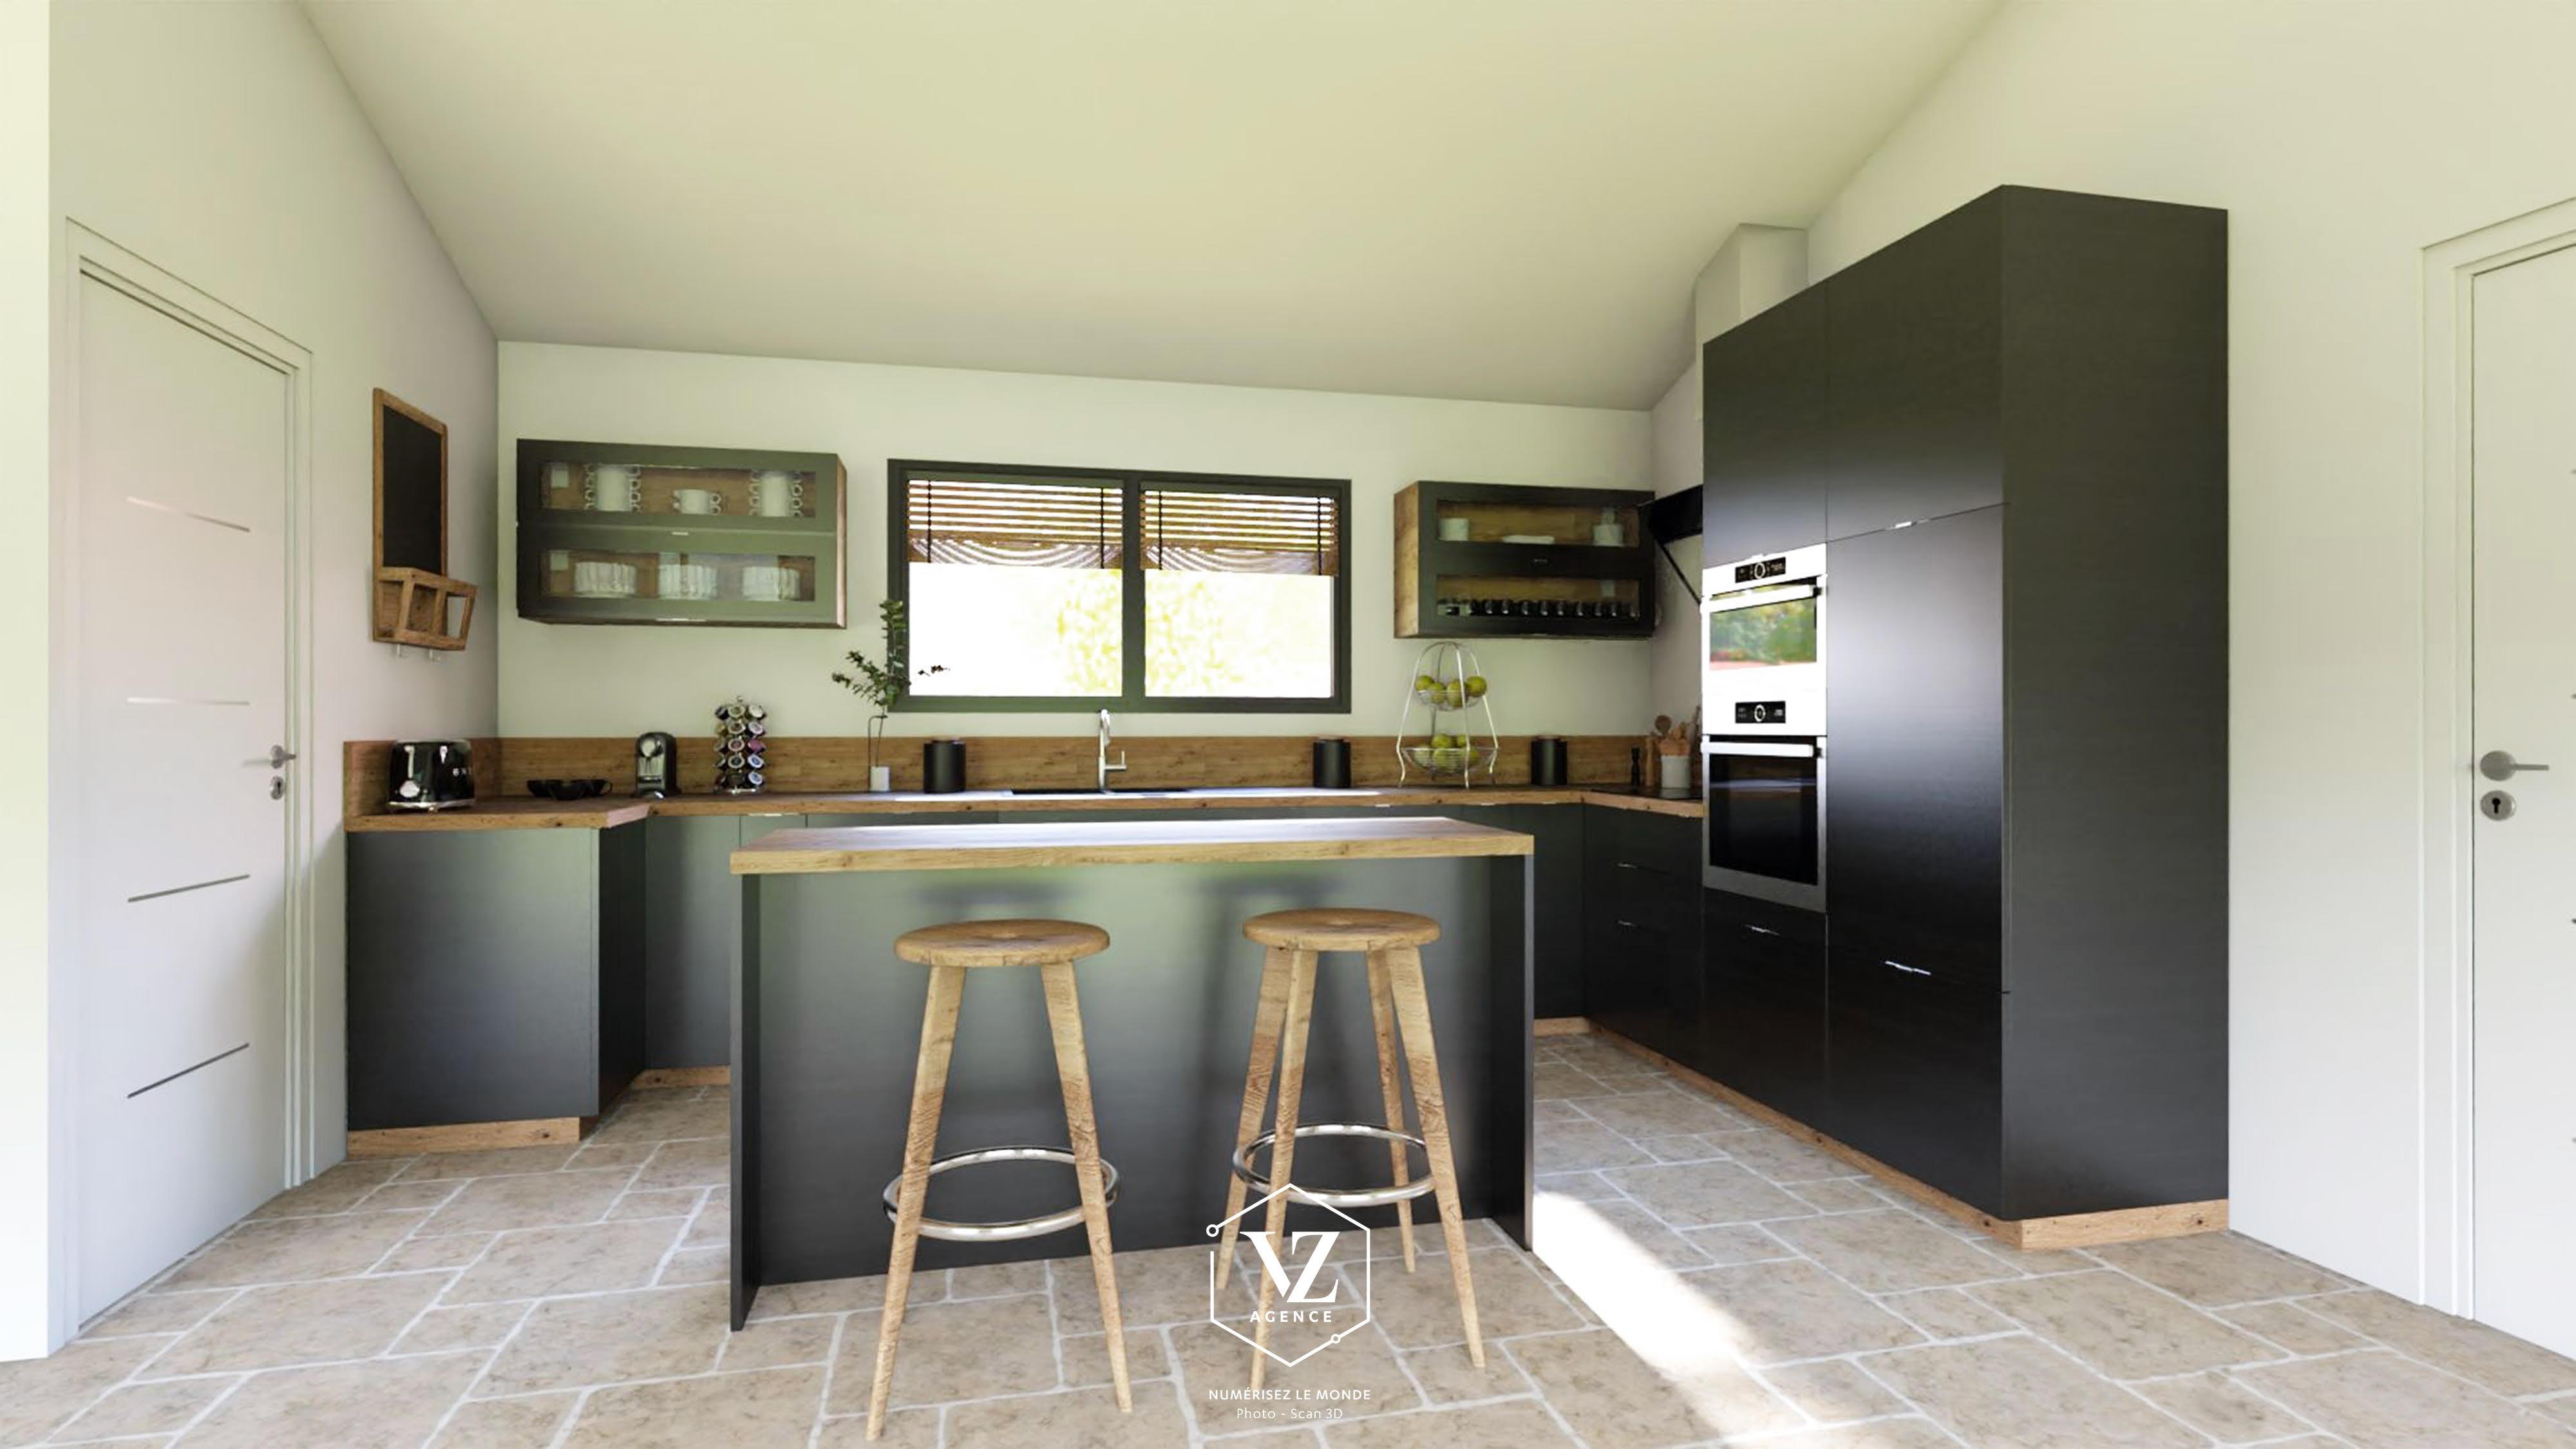 aménagement cuisine sur plan en 3D